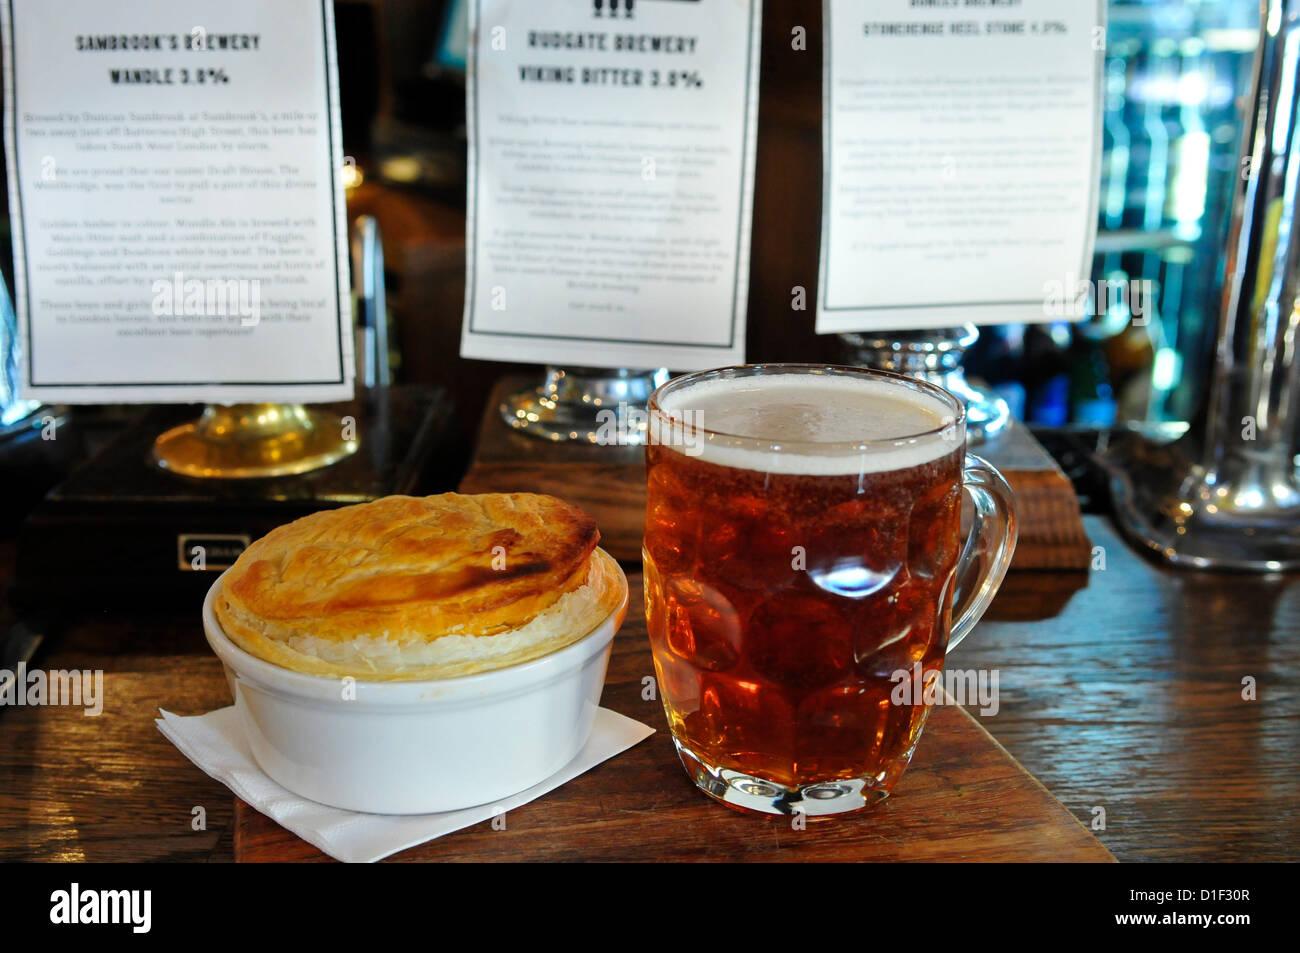 Pinte de bière et une tarte au projet de House Pub, Northcote Road, Clapham, Londres, Angleterre, SW11 Photo Stock